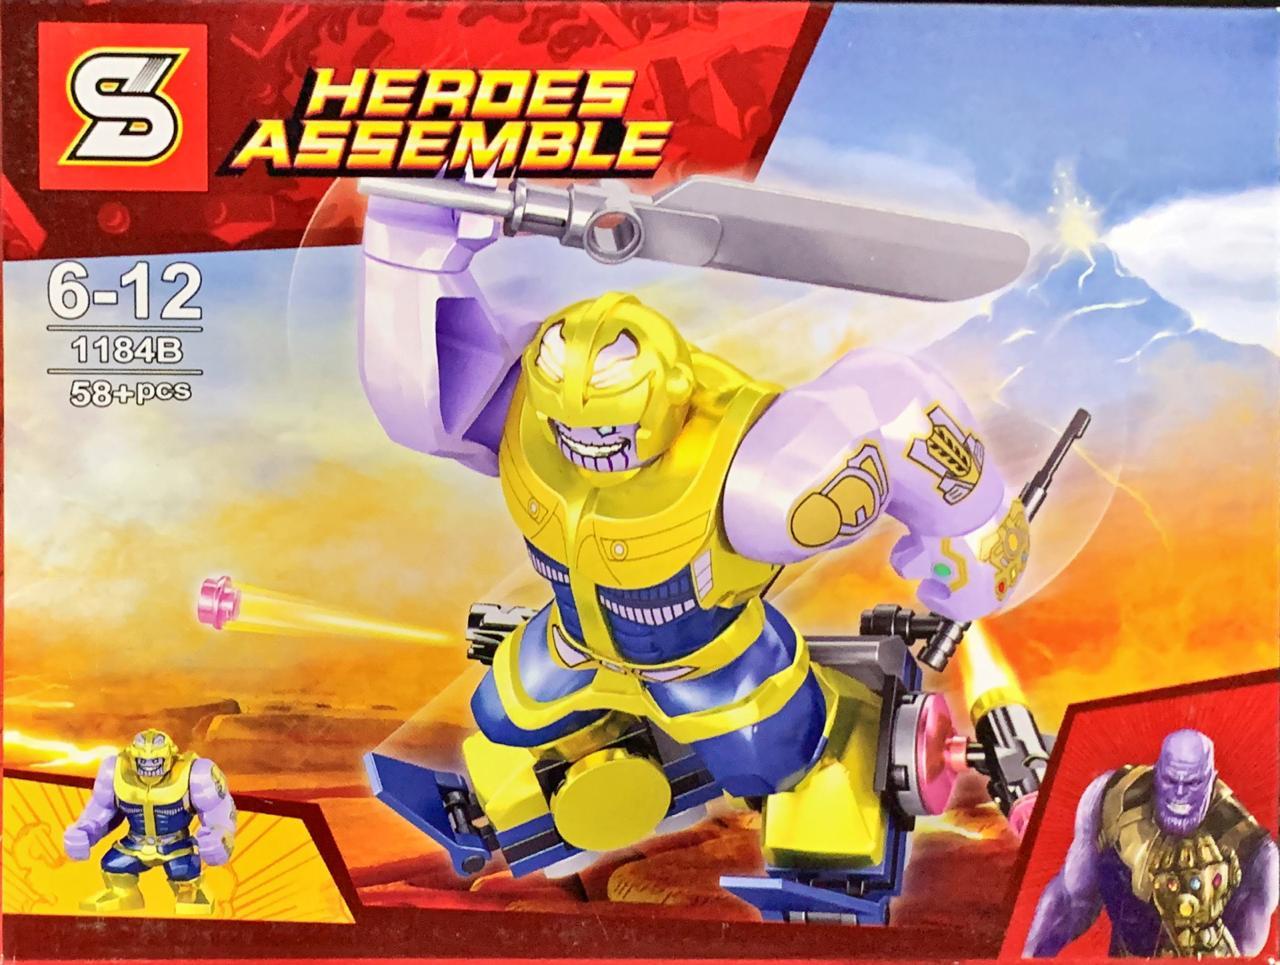 Bloco de Montar Heroes Assemble: Thanos (1184B) - (58 Peças)